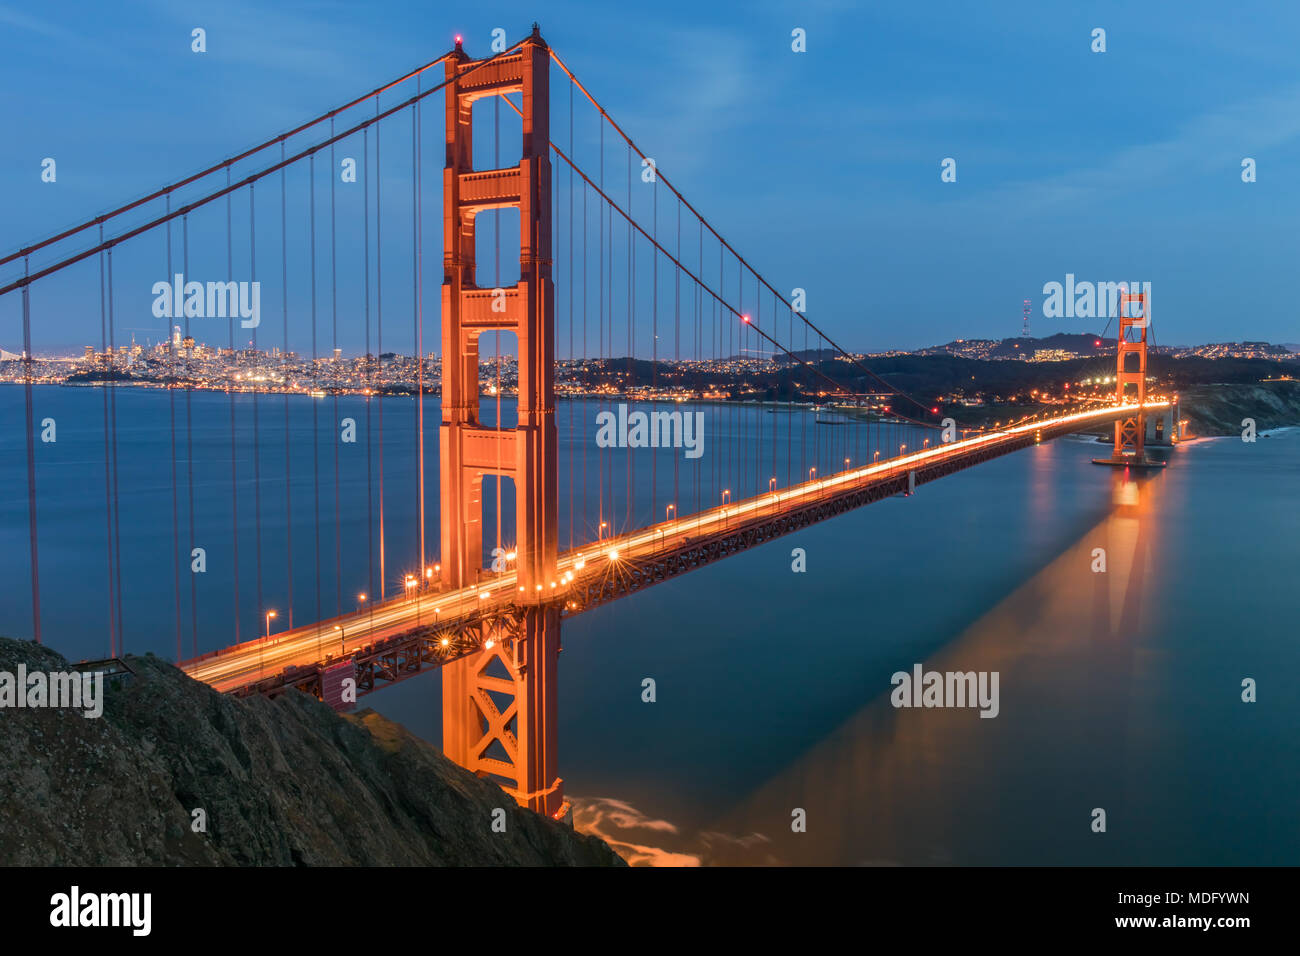 Vedute del Ponte Golden Gate e la skyline di San Francisco dalla batteria Spencer. Immagini Stock